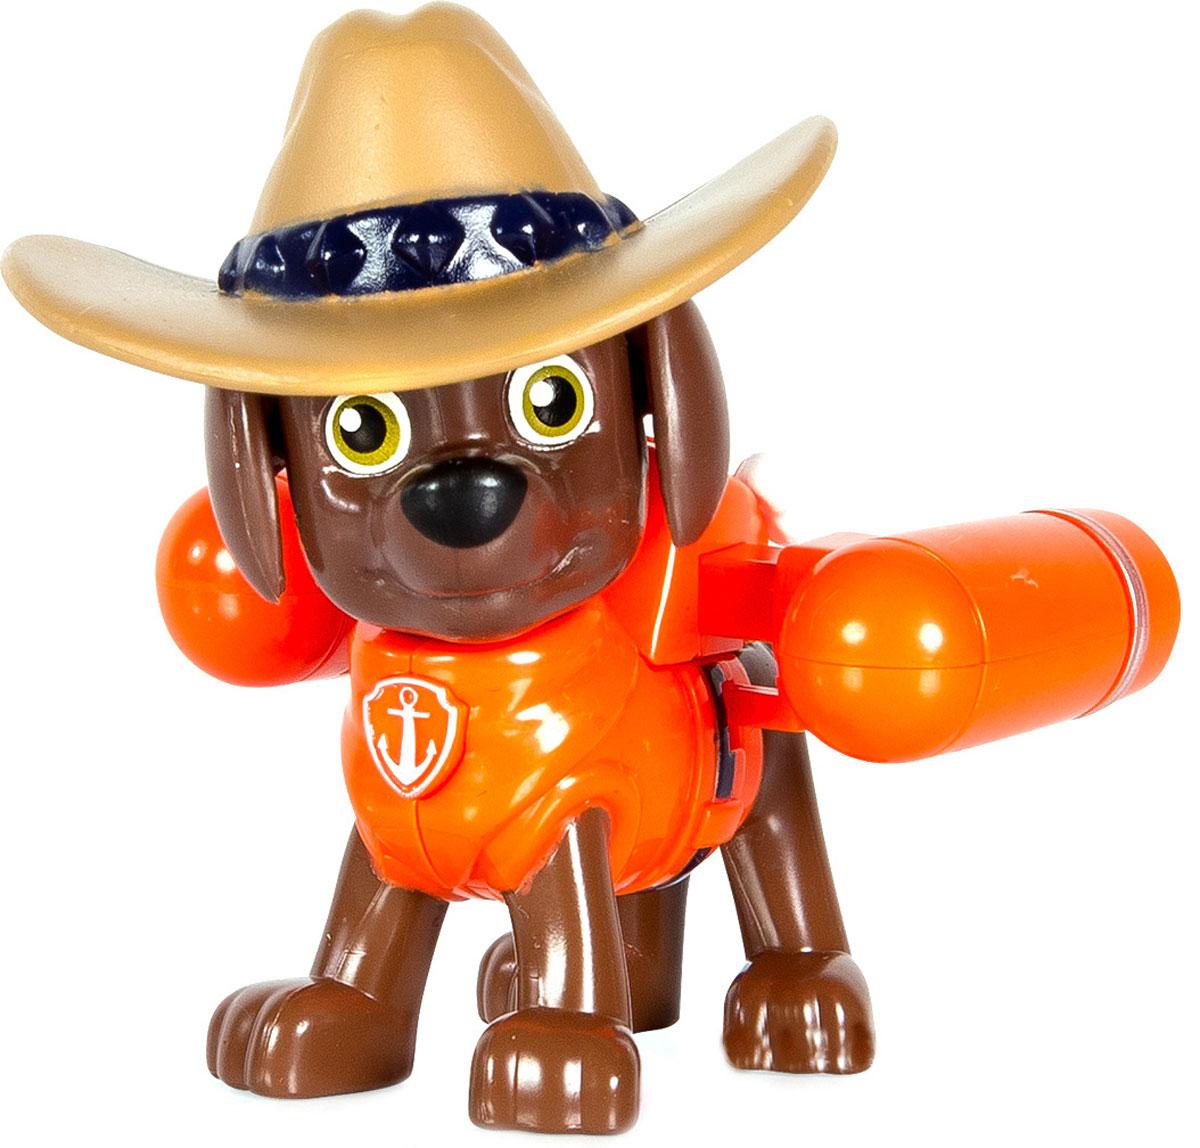 Paw Patrol Фигурка Cowboy Zuma16655_20070722Щенячий патруль - популярный мультфильм, завоевавший миллионы детских сердец во всем мире. Он повествует о приключениях спасательной команды, которая состоит из собачек разных пород, дружных и веселых. Они всегда готовы прийти на помощь и защитить жителей Бухты Приключений от всевозможных напастей. Фигурка щенка-спасателя Paw Patrol Cowboy Zuma станет отличным подарком для любого поклонника мультфильма. У щенка на спине закреплен рюкзак-трансформер с уникальными функциями, знакомыми по мультфильму. При нажатии на кнопку, расположенную на груди, из рюкзака выдвигаются мощные турбины. Голова фигурки вращается. Игрушка изготовлена из качественных и безопасных материалов.